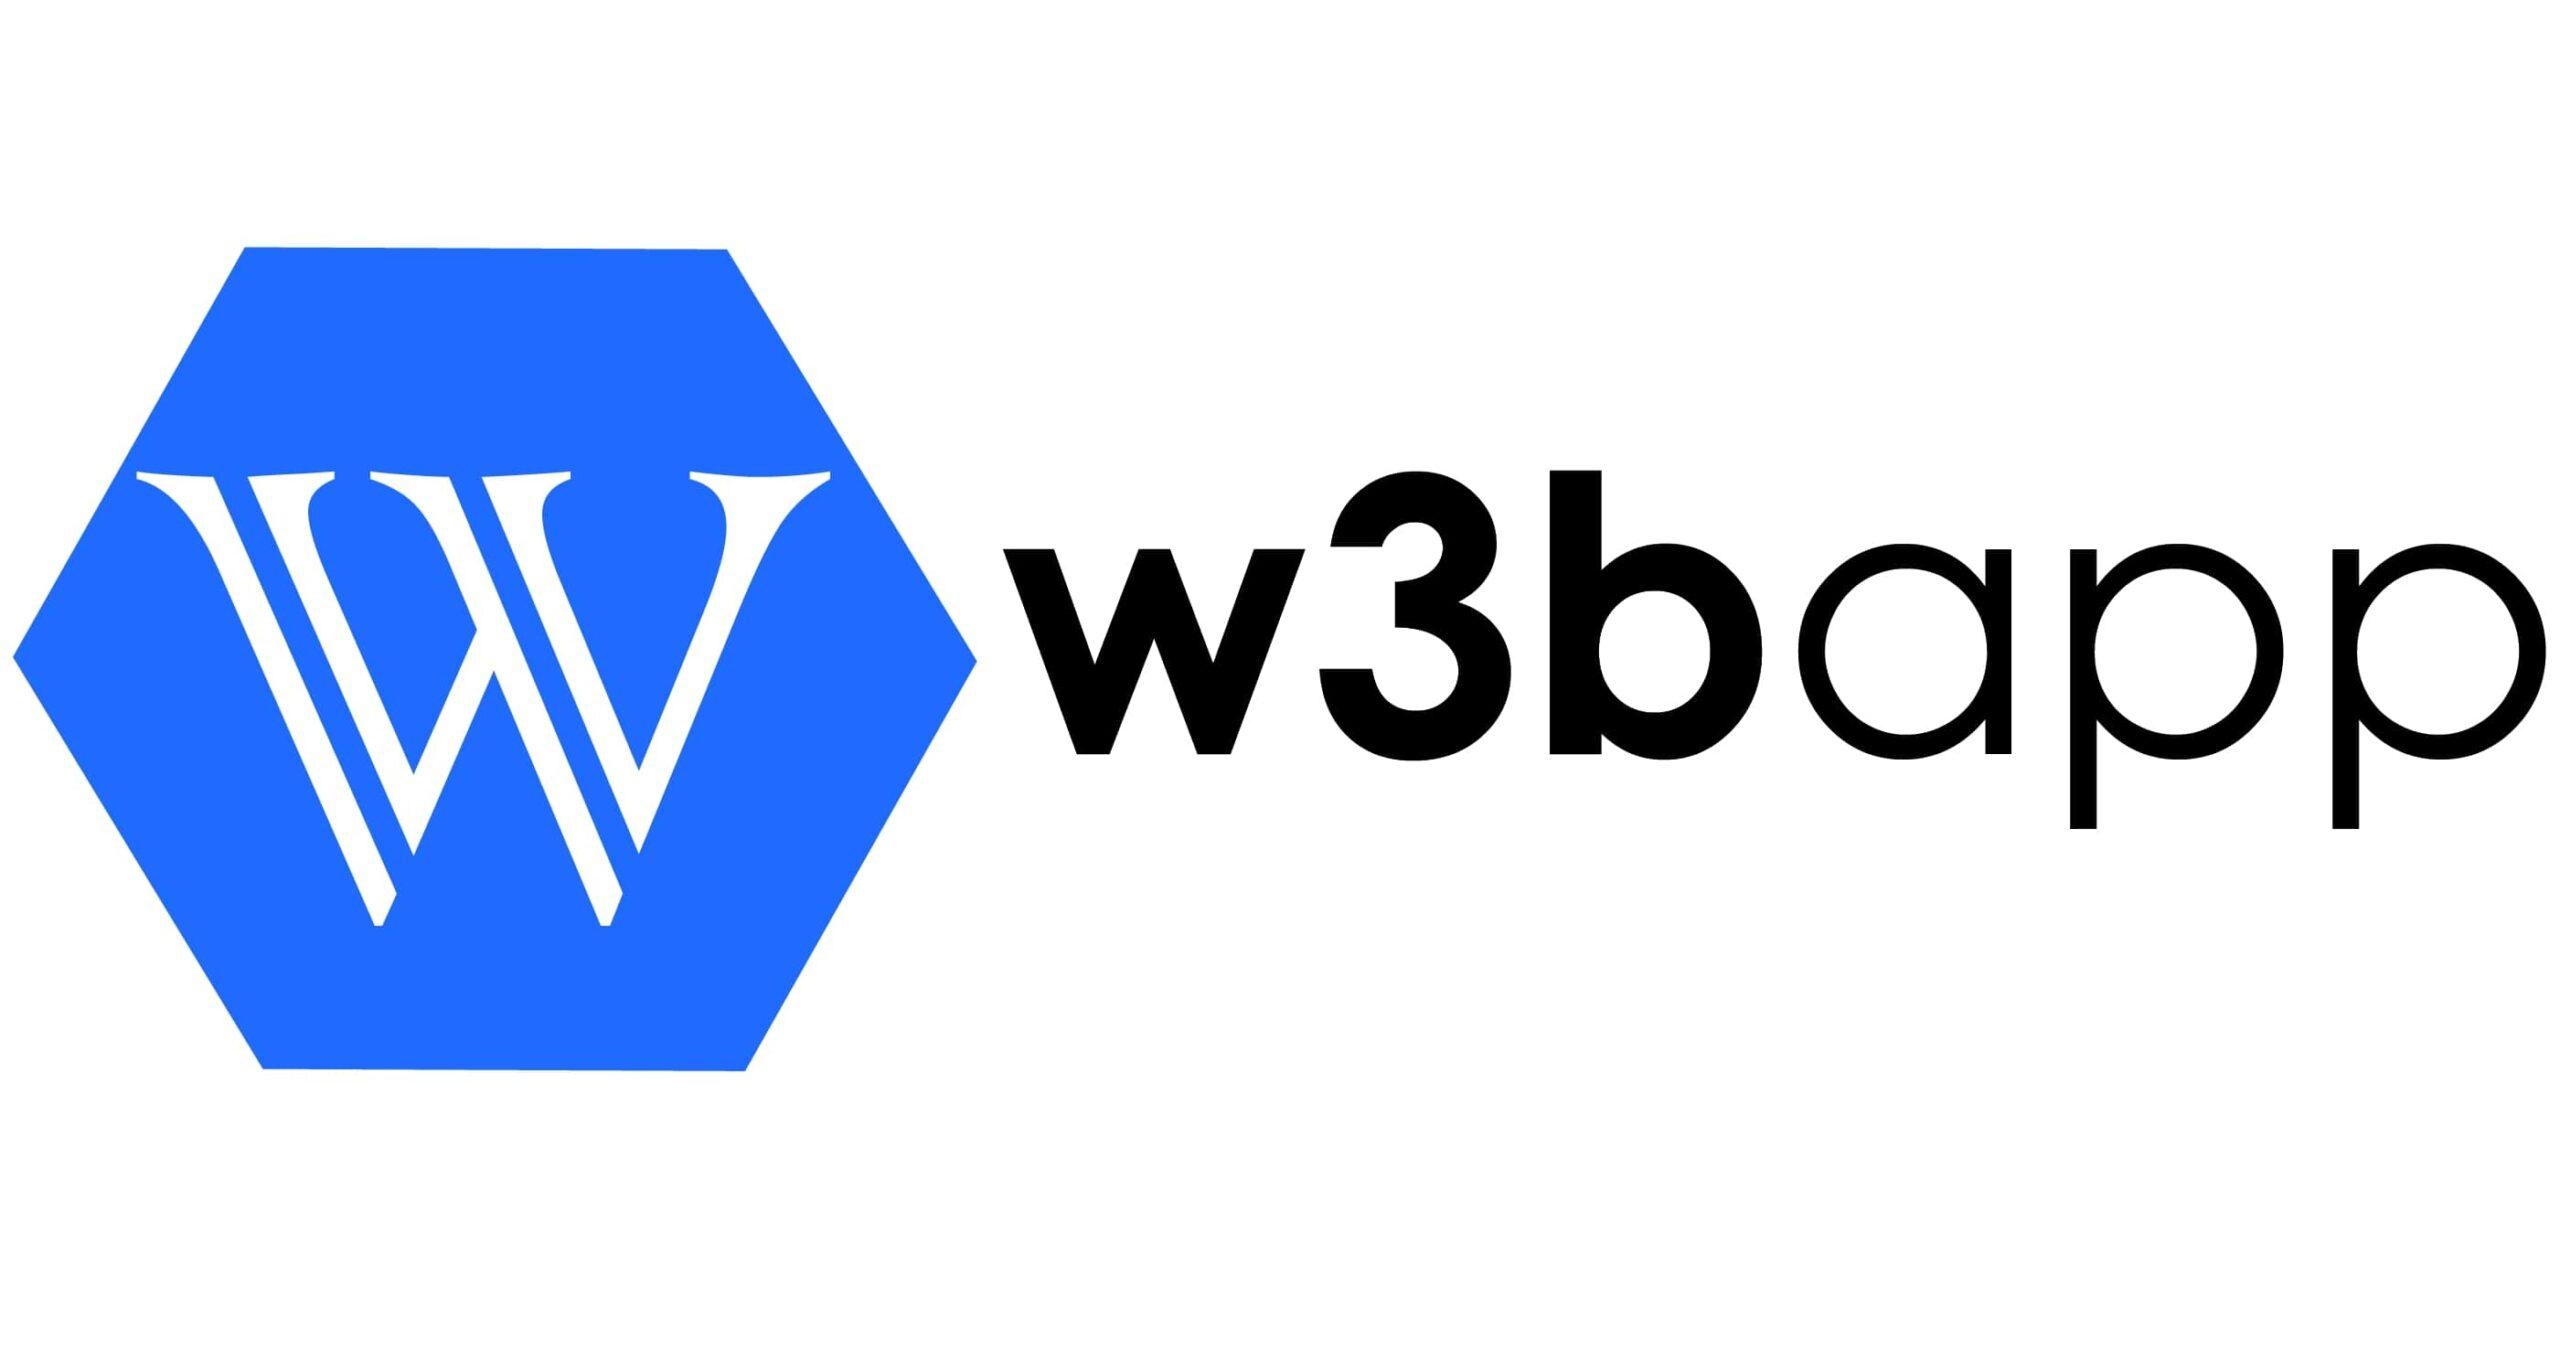 W3bapp